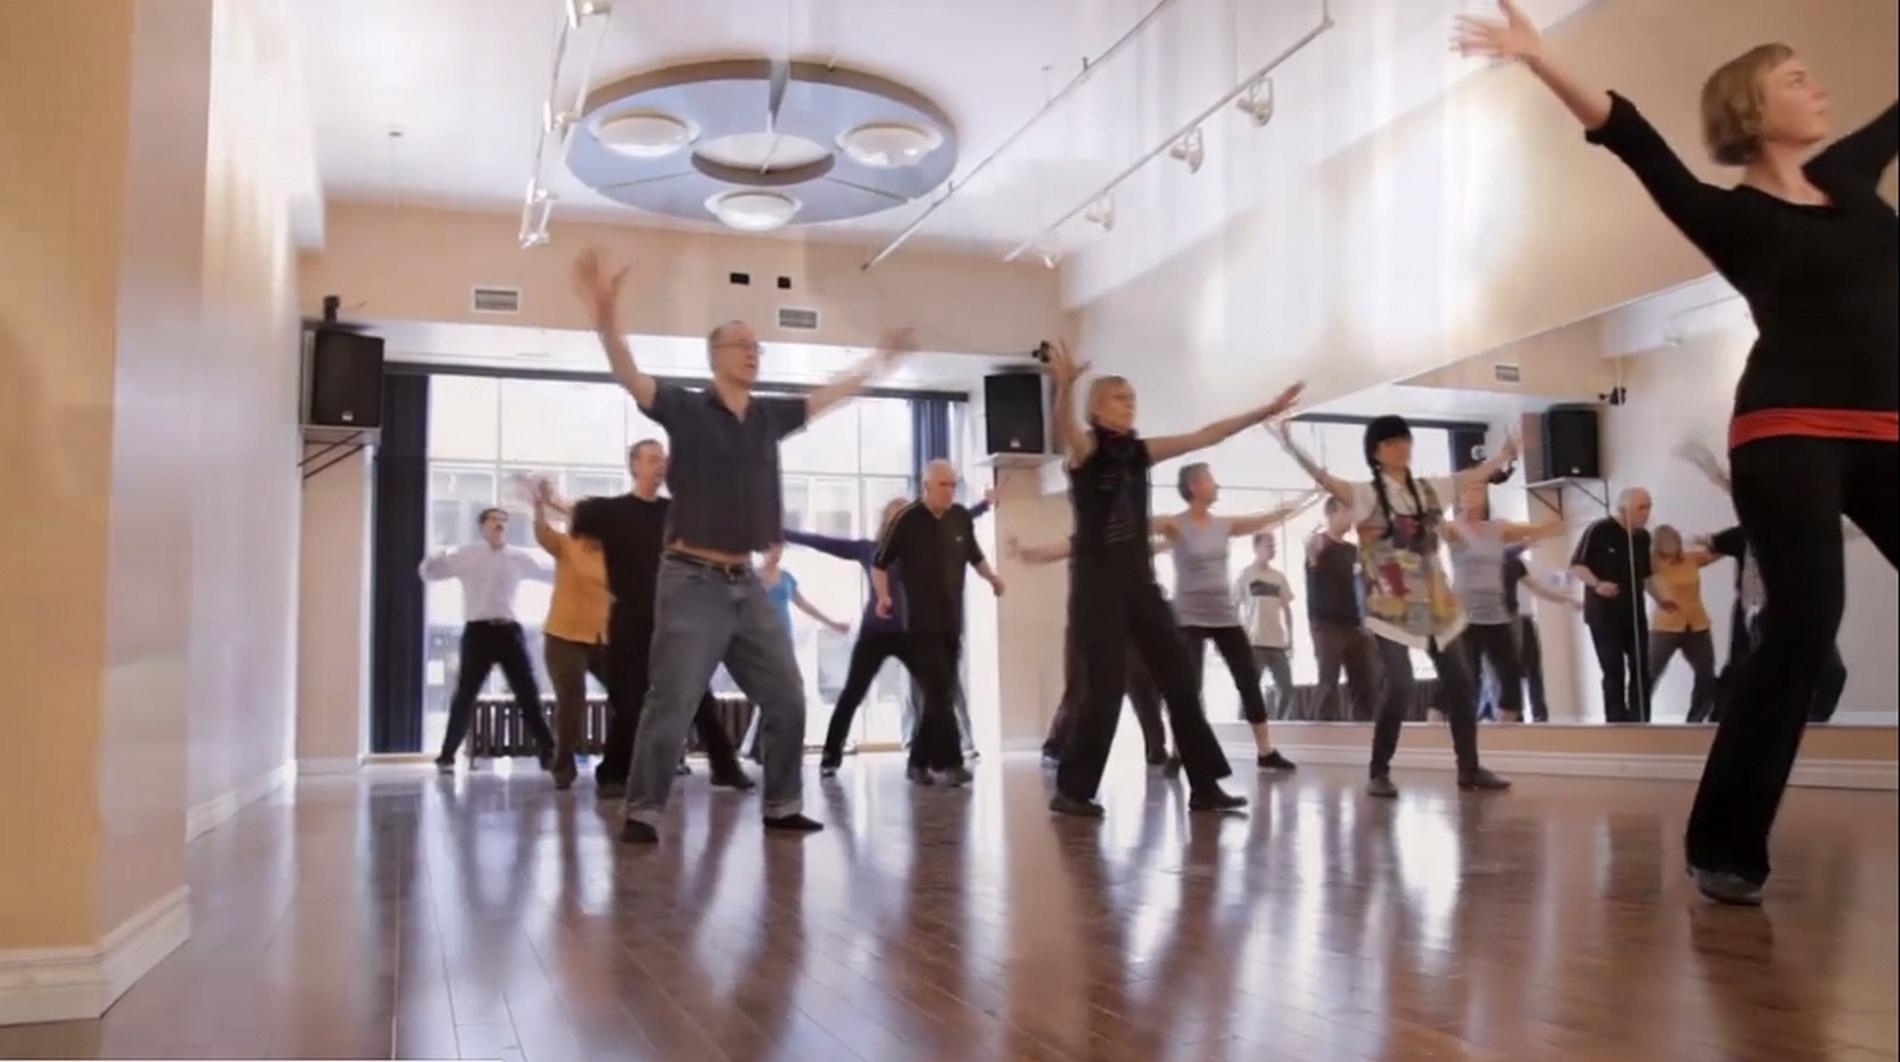 Une quarantaine de personnes, âgées de 50 à 83 ans, participent aux cours. ©PEM